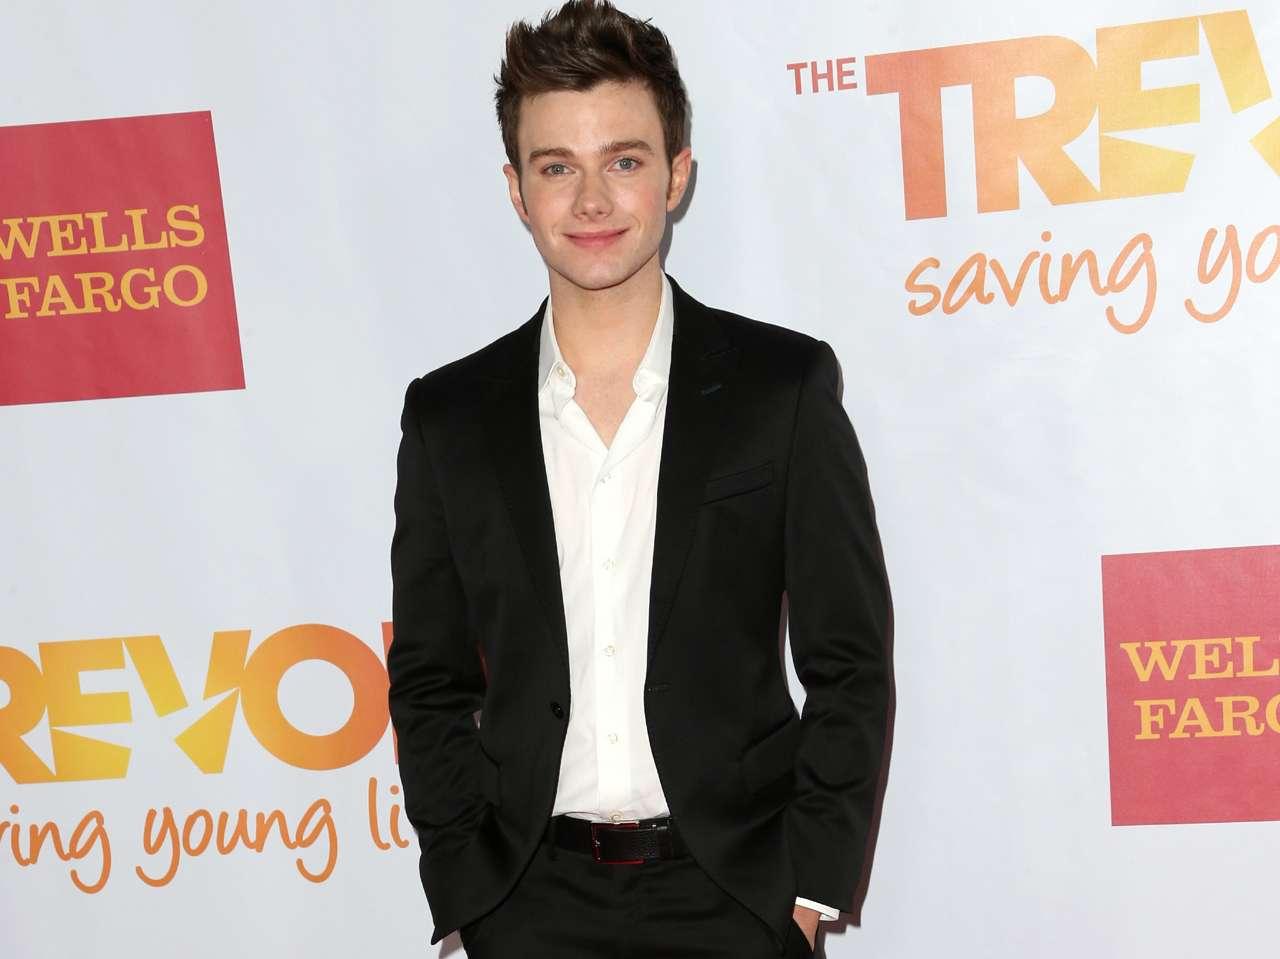 Chris Colfer aparecerá en los últimos seis episodios de 'Glee'. Foto: Getty Images